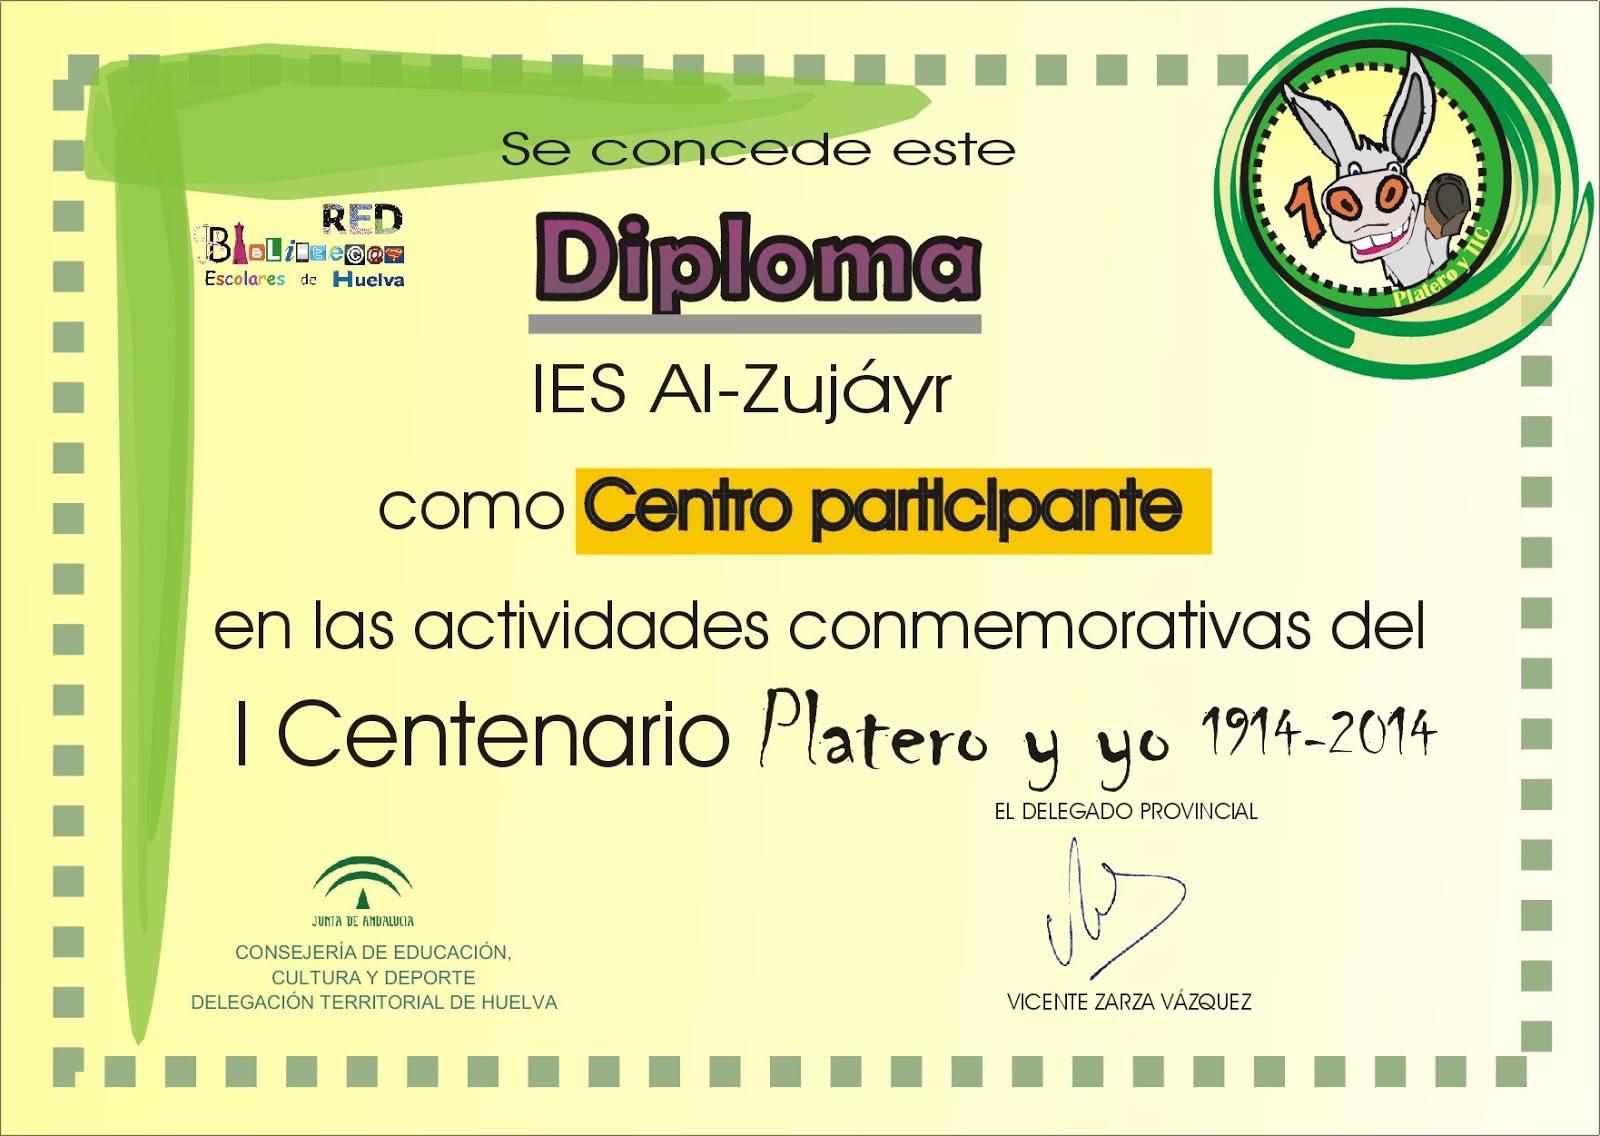 I Centenario Platero y yo